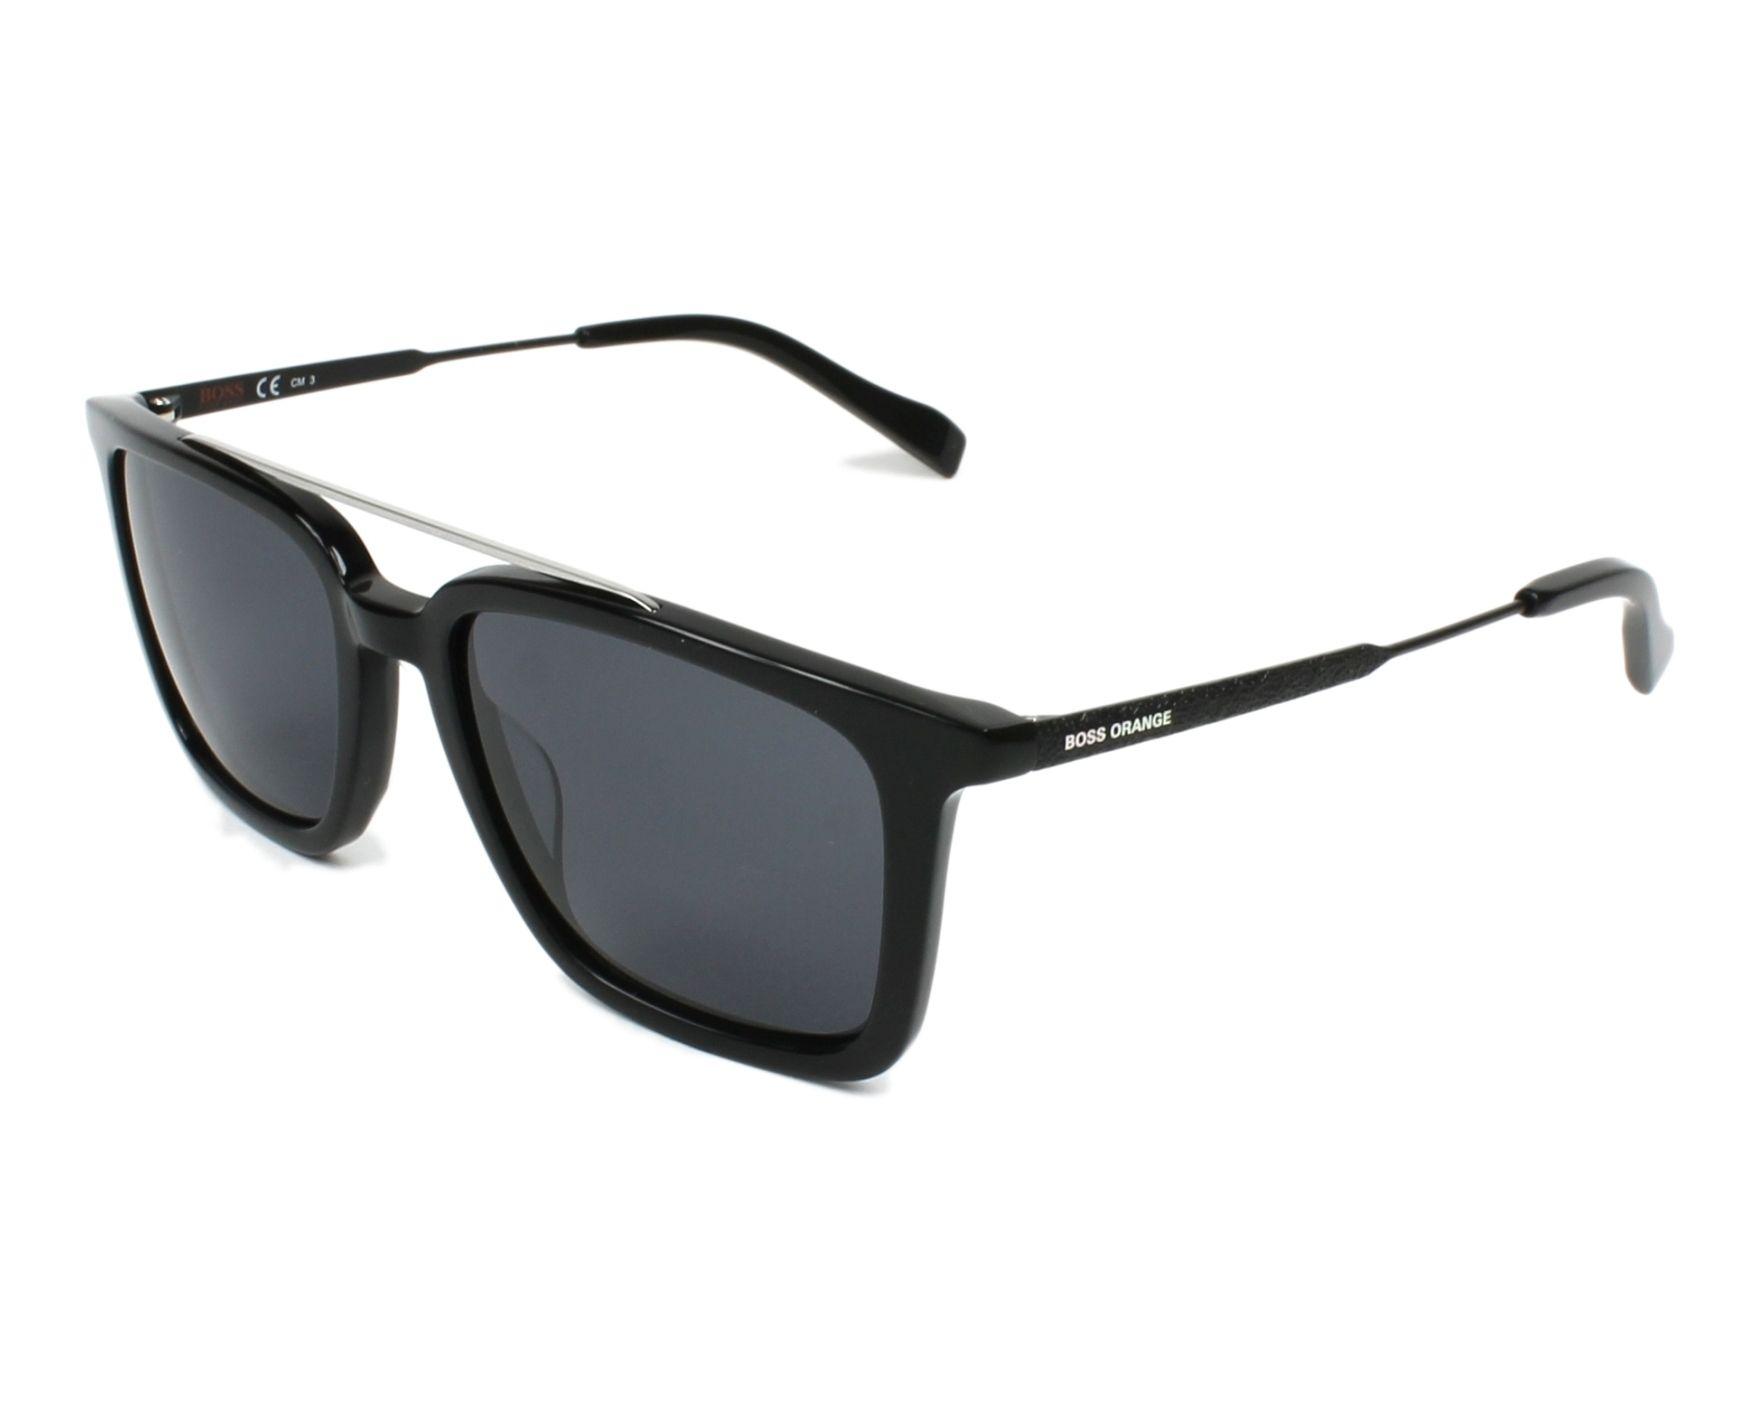 Hugo Boss Sonnenbrillen BO 807/QT 6swtkP